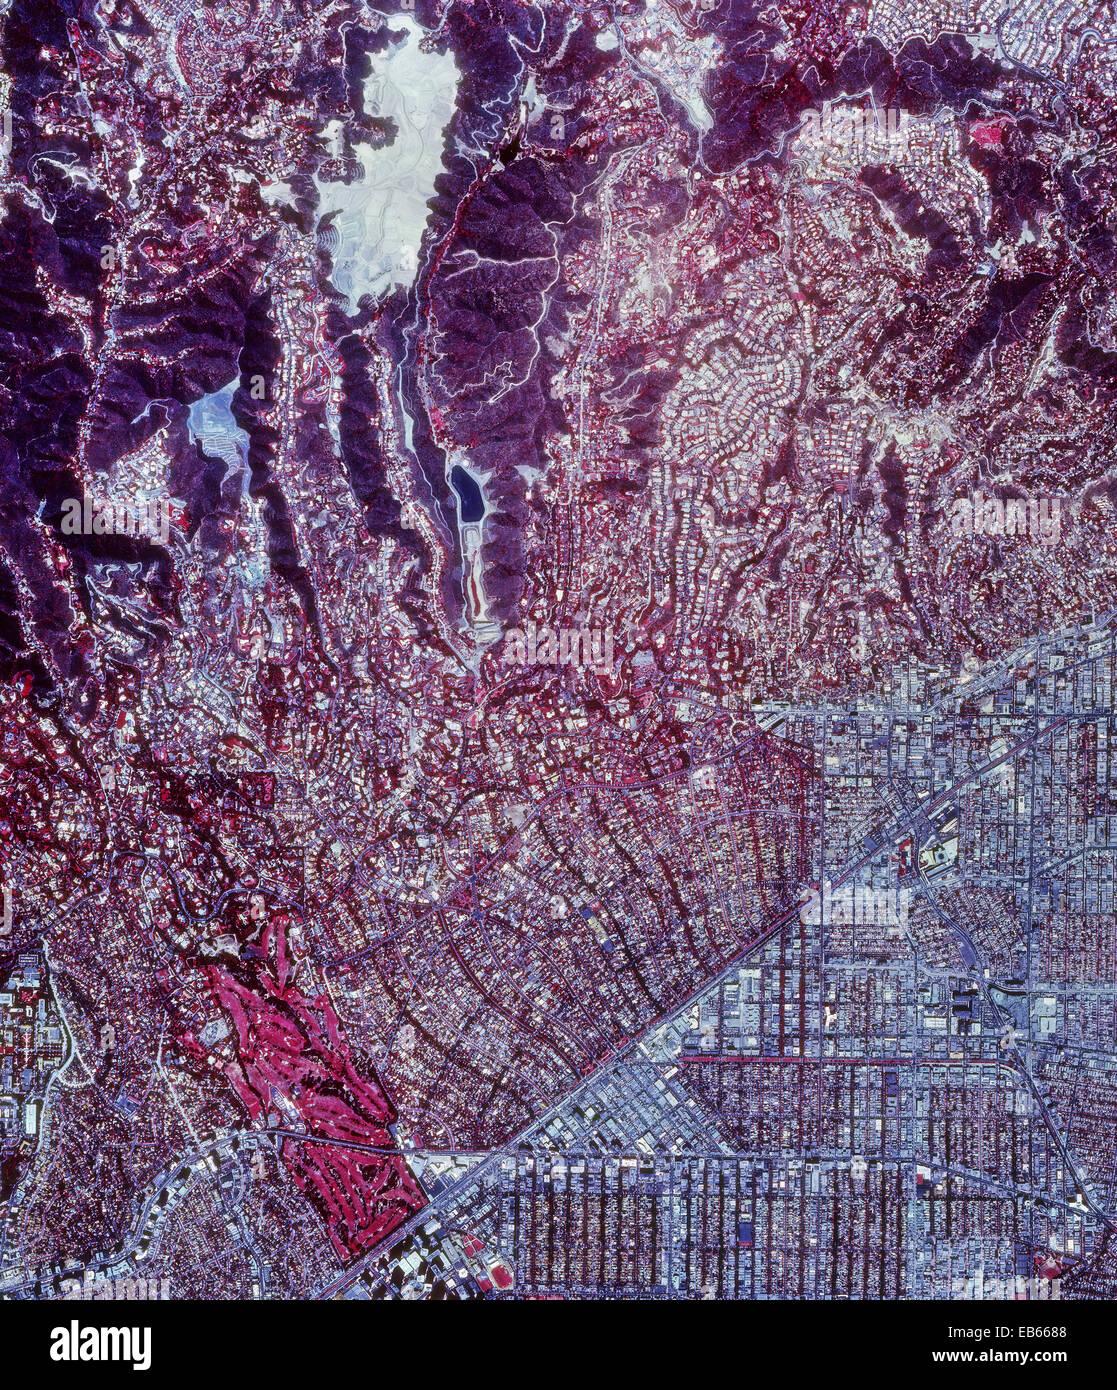 historische Infrarot-Luftaufnahme von Beverly Hills, Kalifornien, 1989 Stockbild